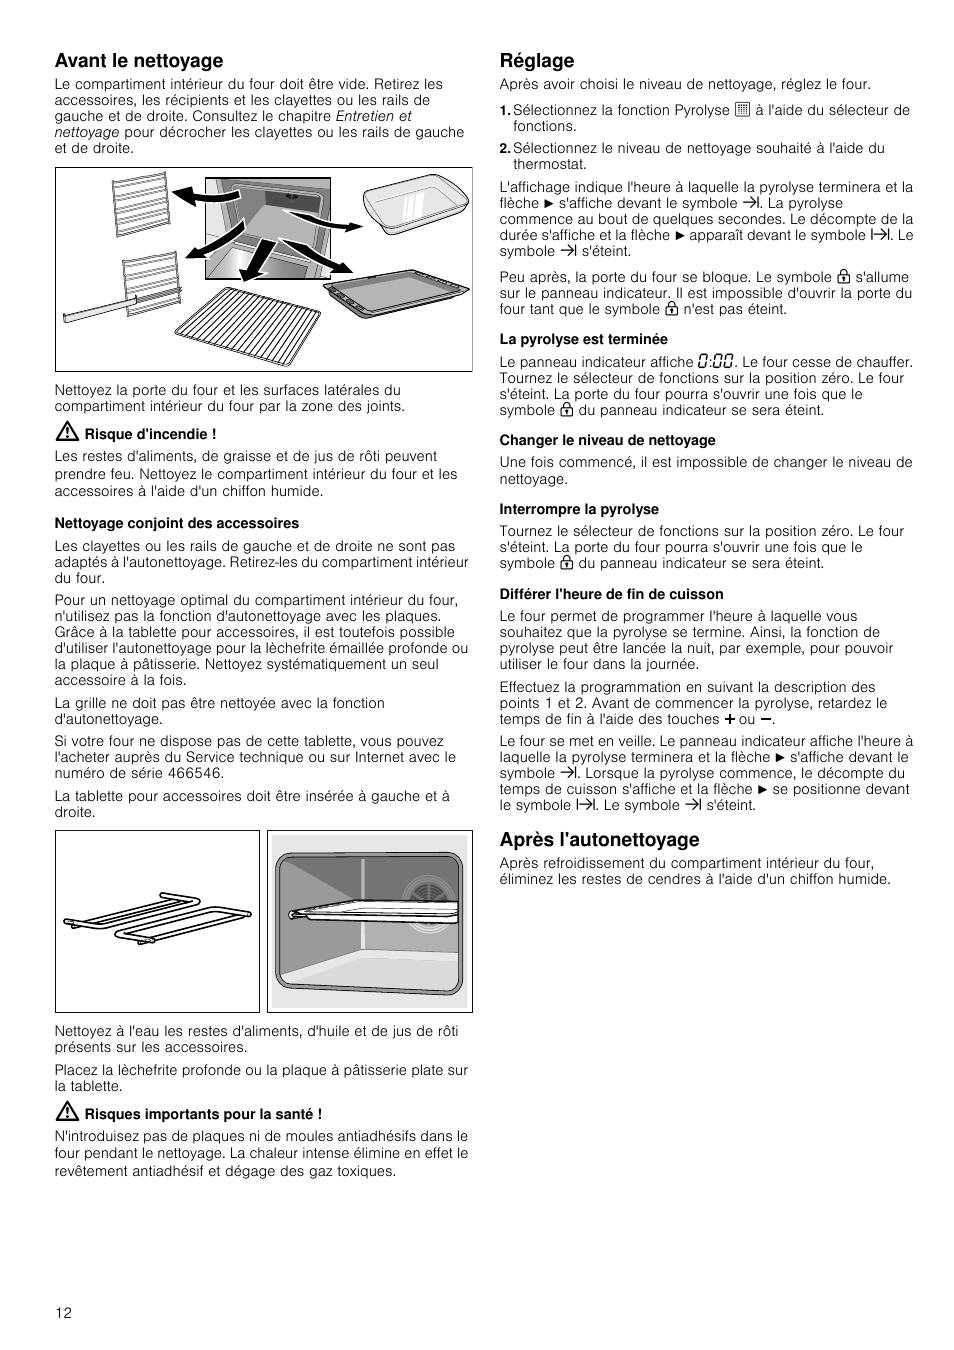 Avant Le Nettoyage Risque D Incendie Nettoyage Conjoint Des